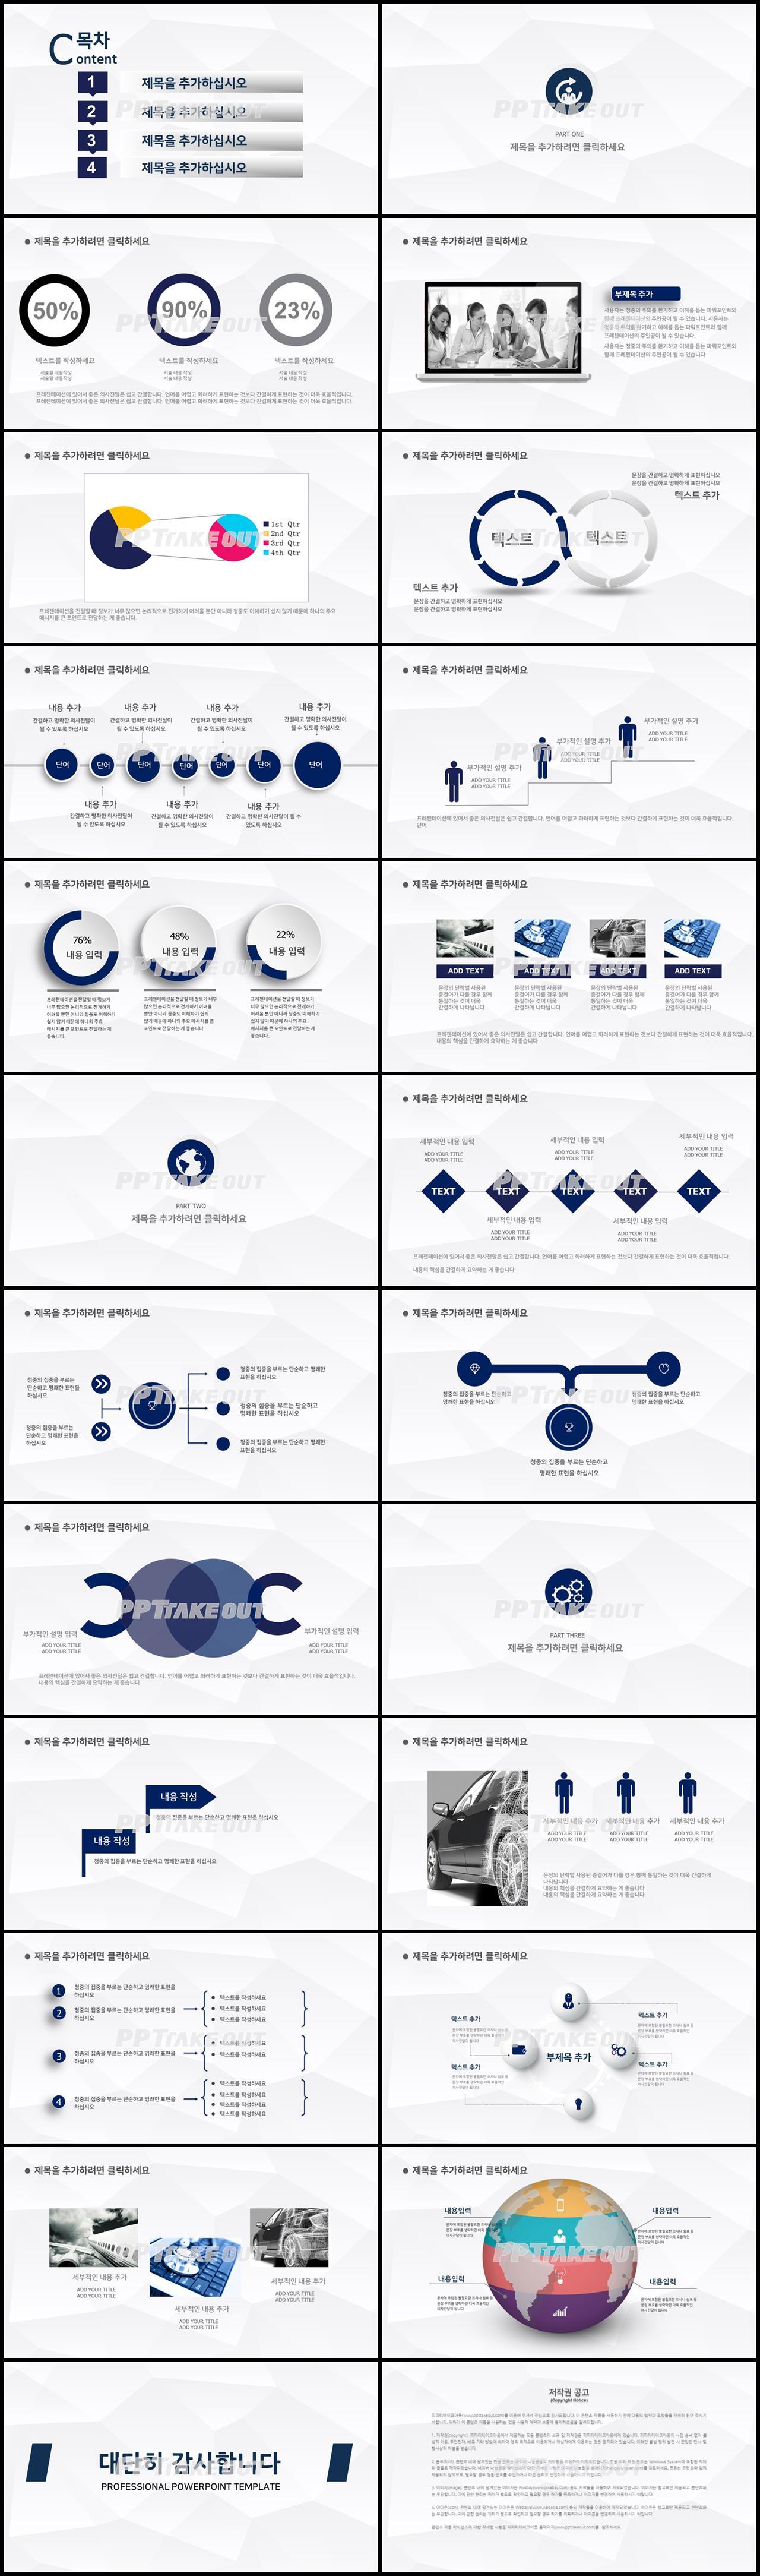 경제금융 하늘색 단출한 발표용 POWERPOINT샘플 다운 상세보기